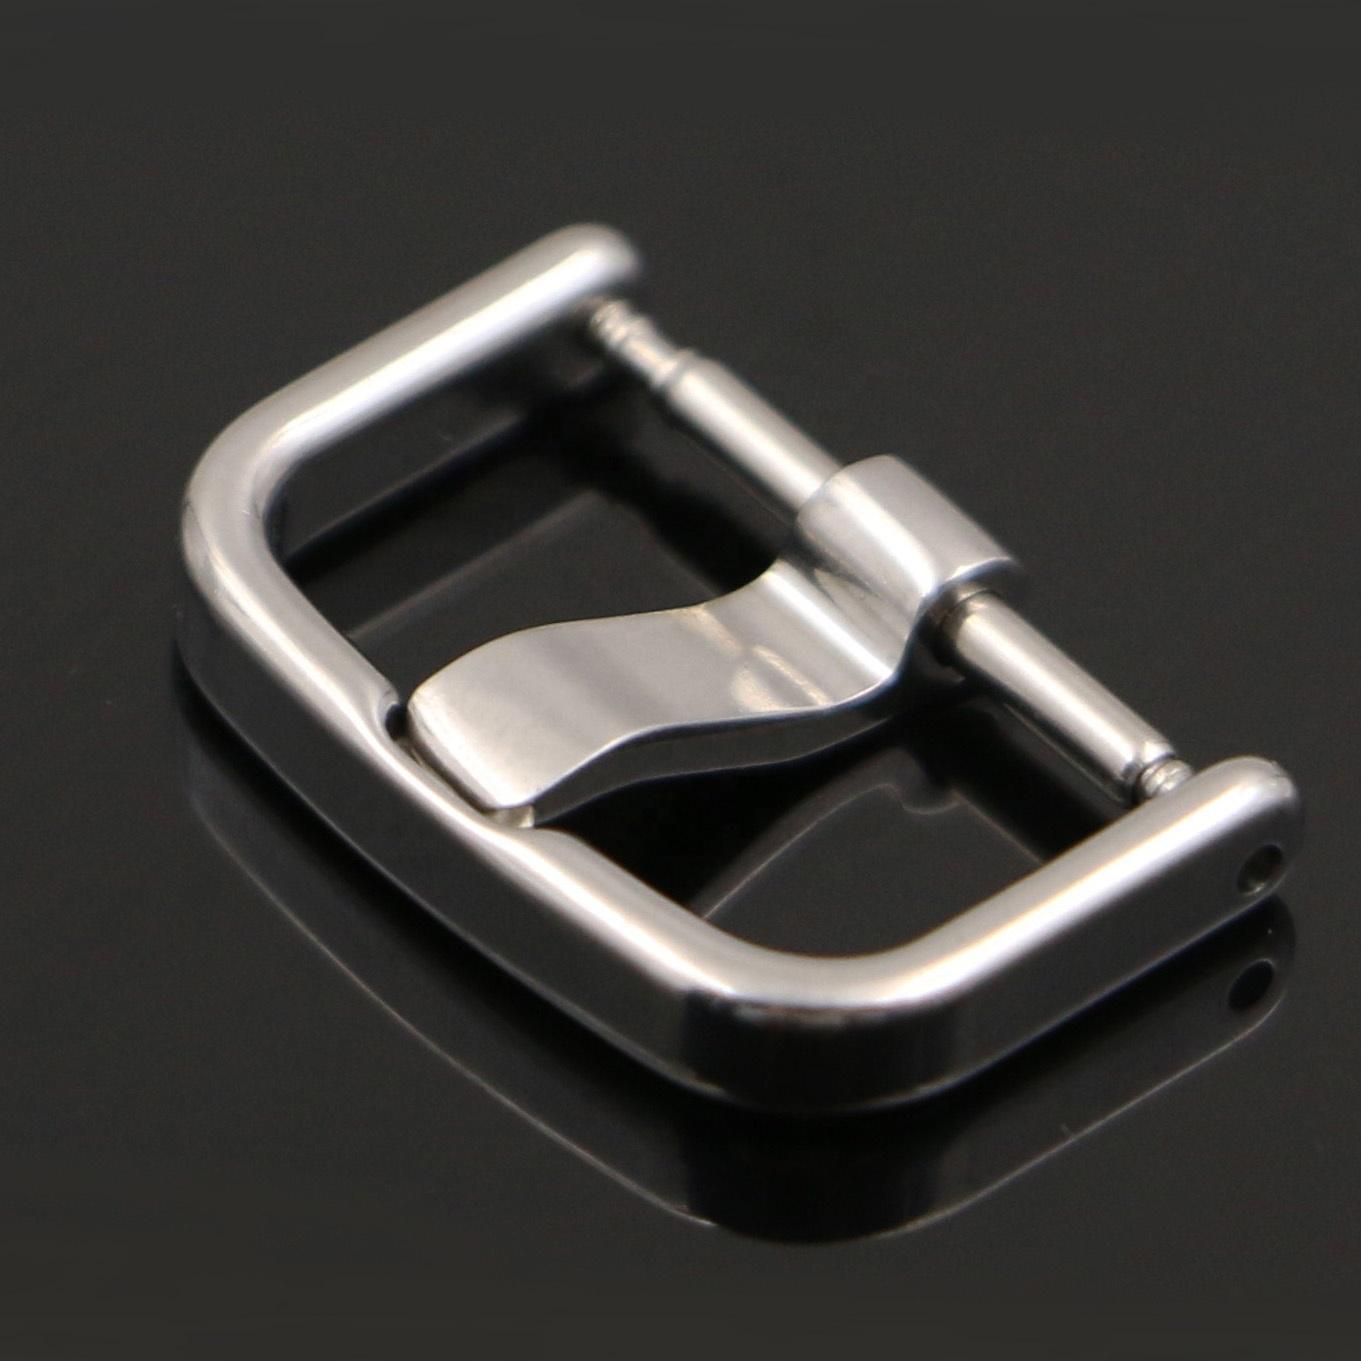 OEM/ODM 16mm faixa de relógio de fivela 304/316L relógio de prata de aço inoxidável pulseira buckle para relógio de borracha cintas